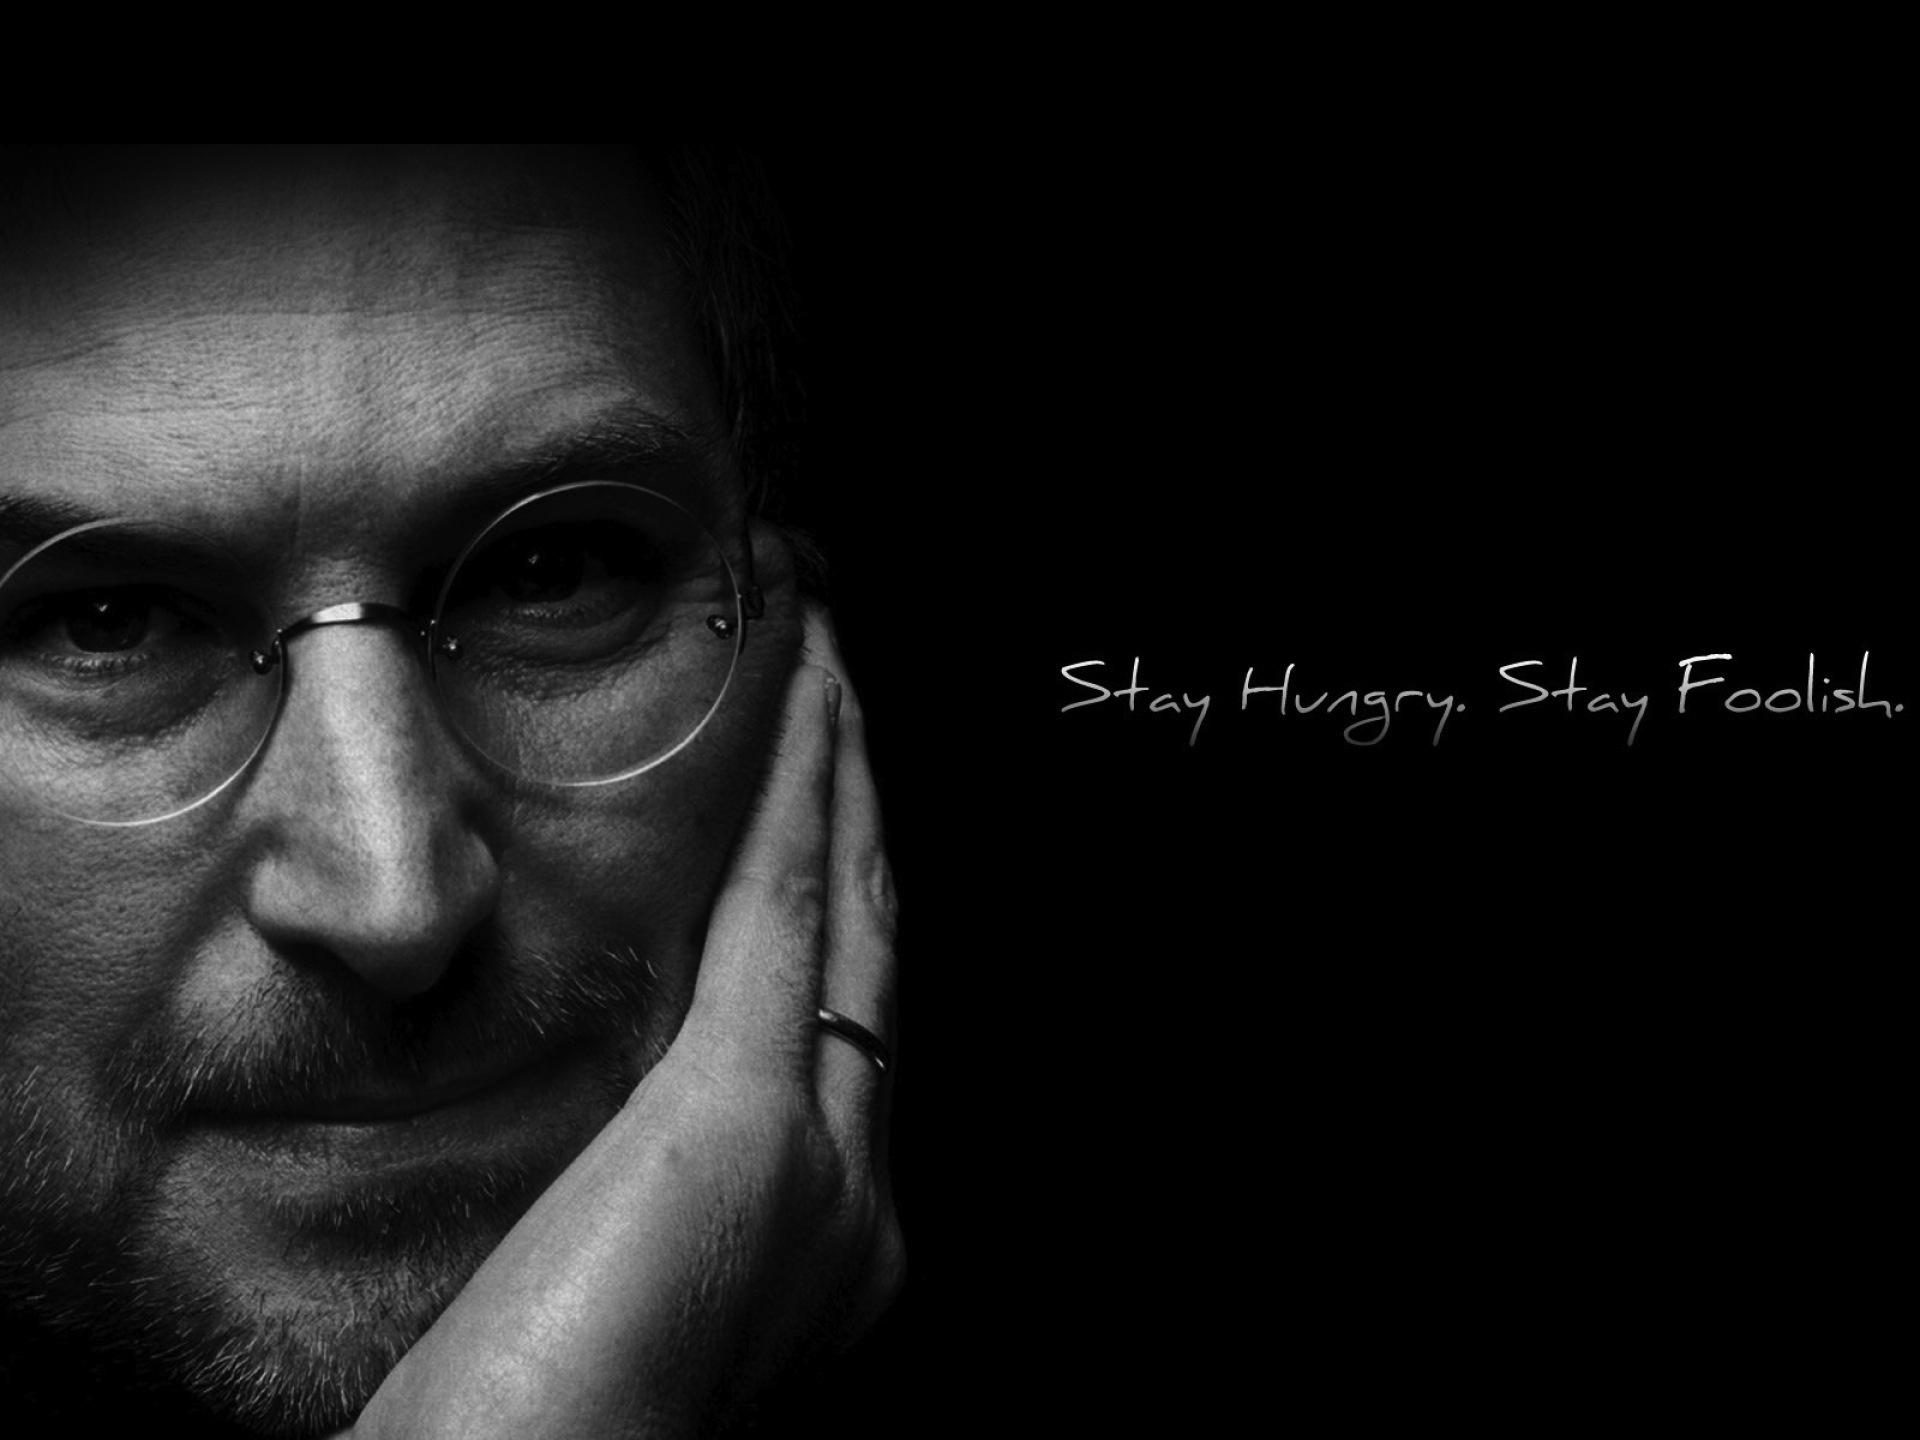 Стив Джобс умер. Будем помнить!